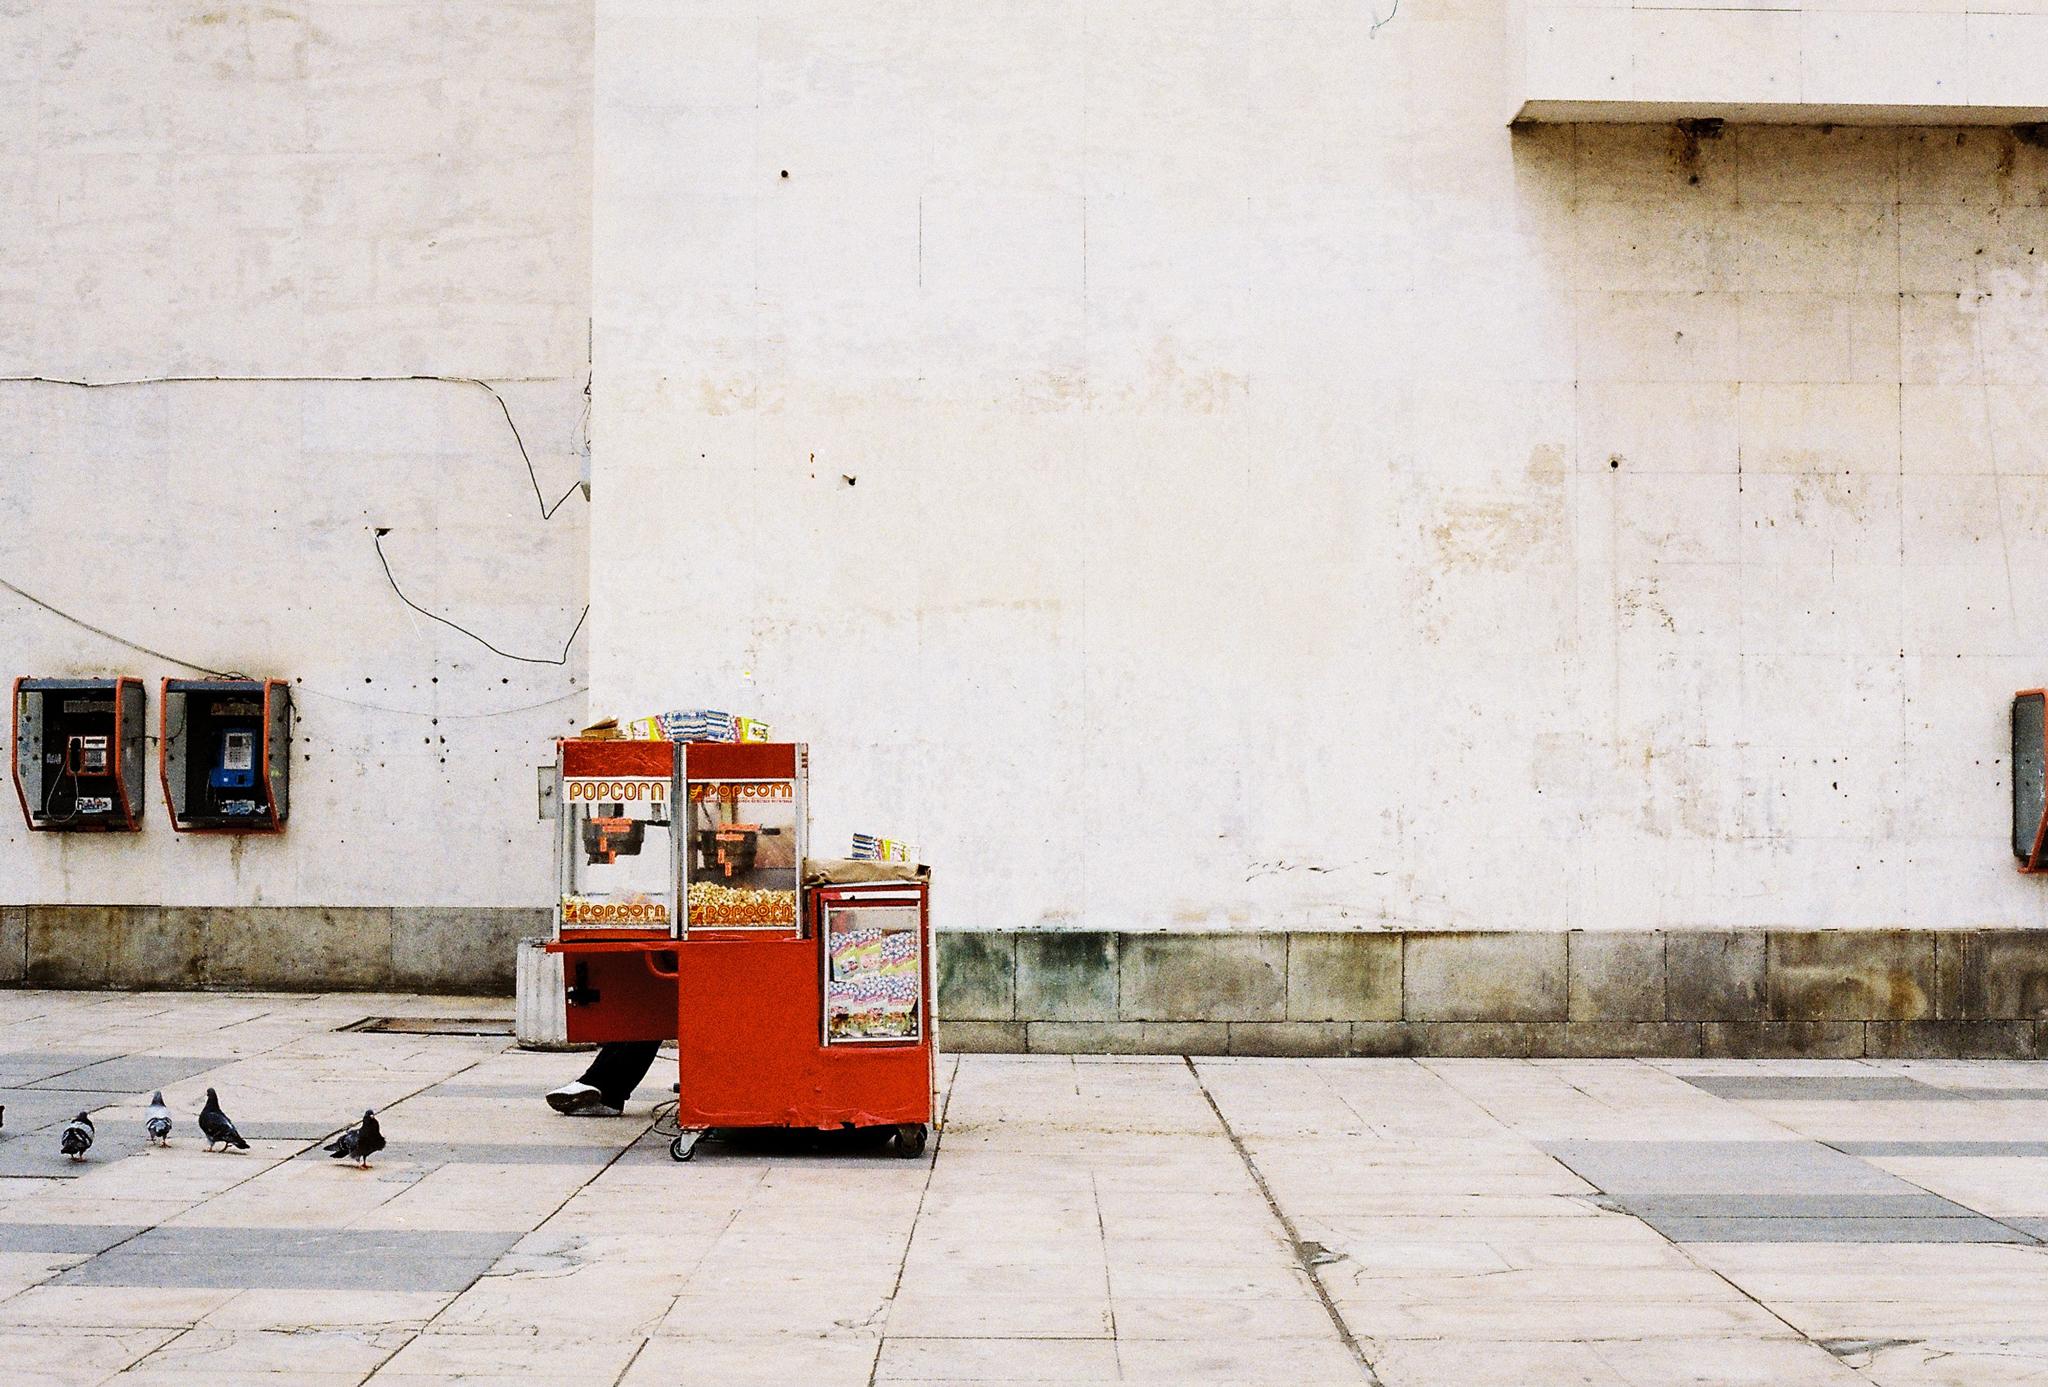 пловдив-улица-главната-пощата-пуканки